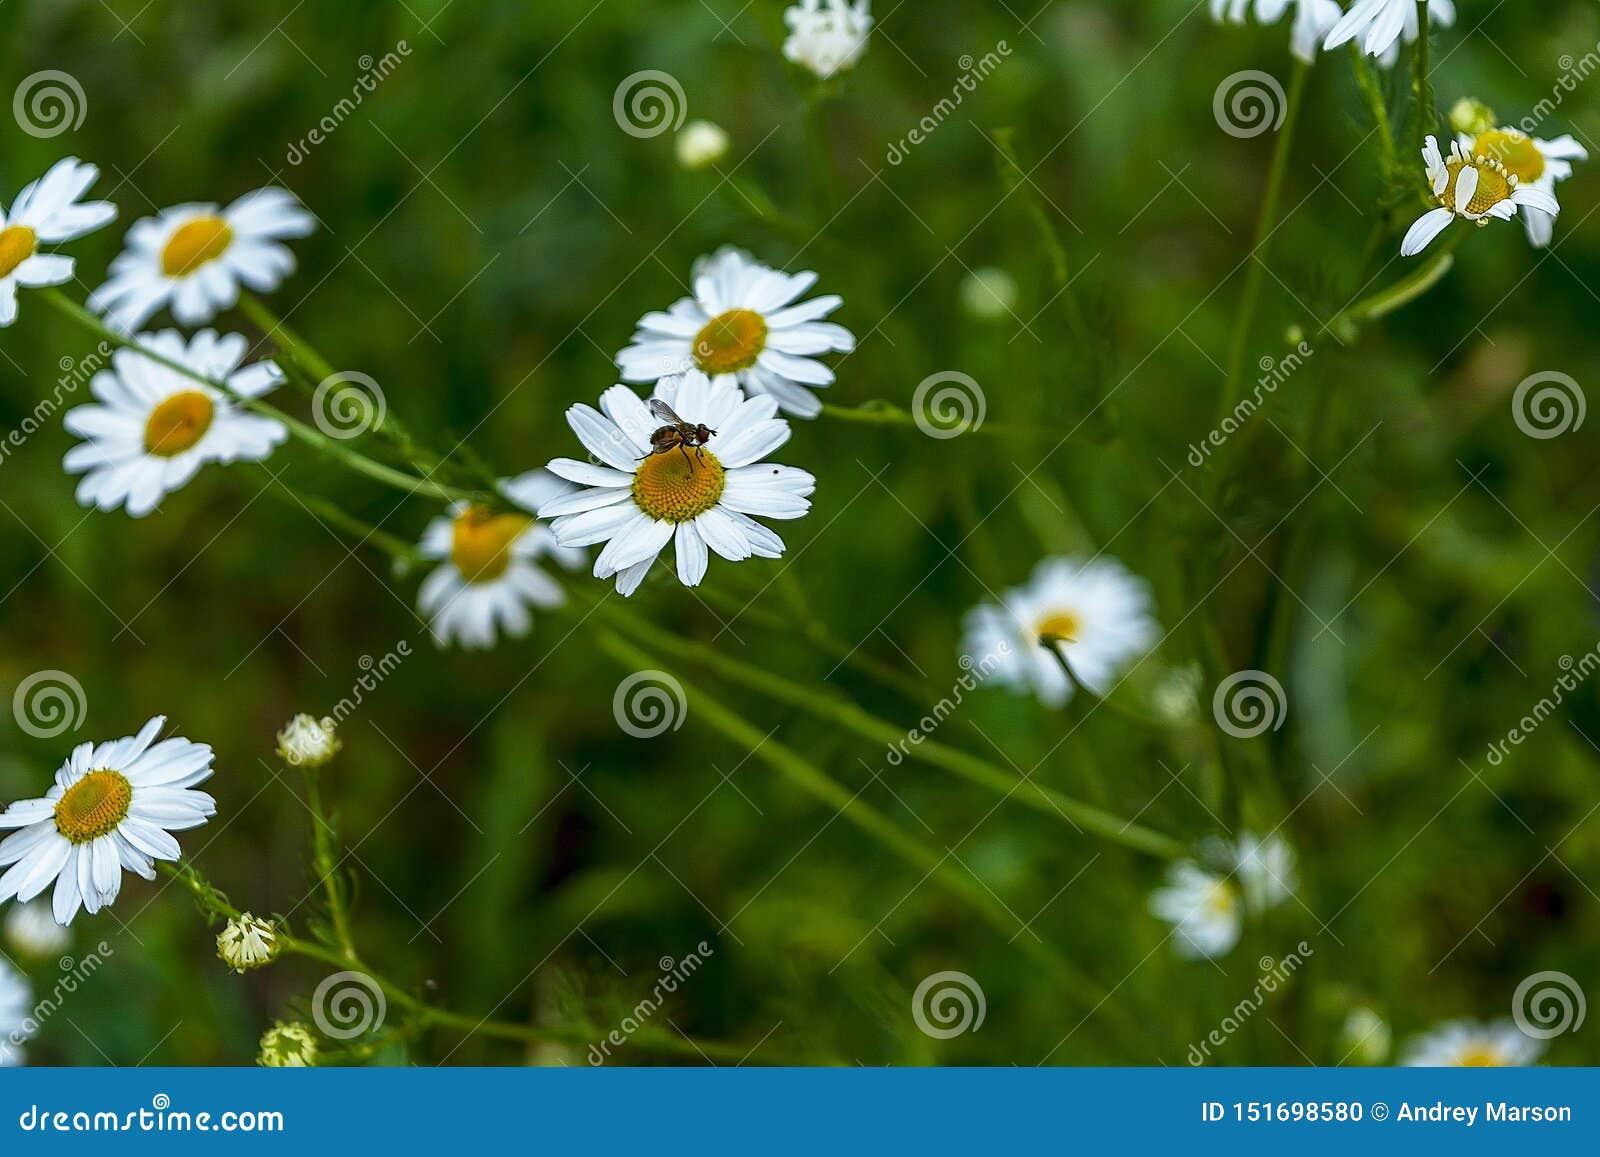 Цвести Ошибка на стоцвете Зацветая поле стоцвета, цветки стоцвета на луге летом, выборочным фокусом